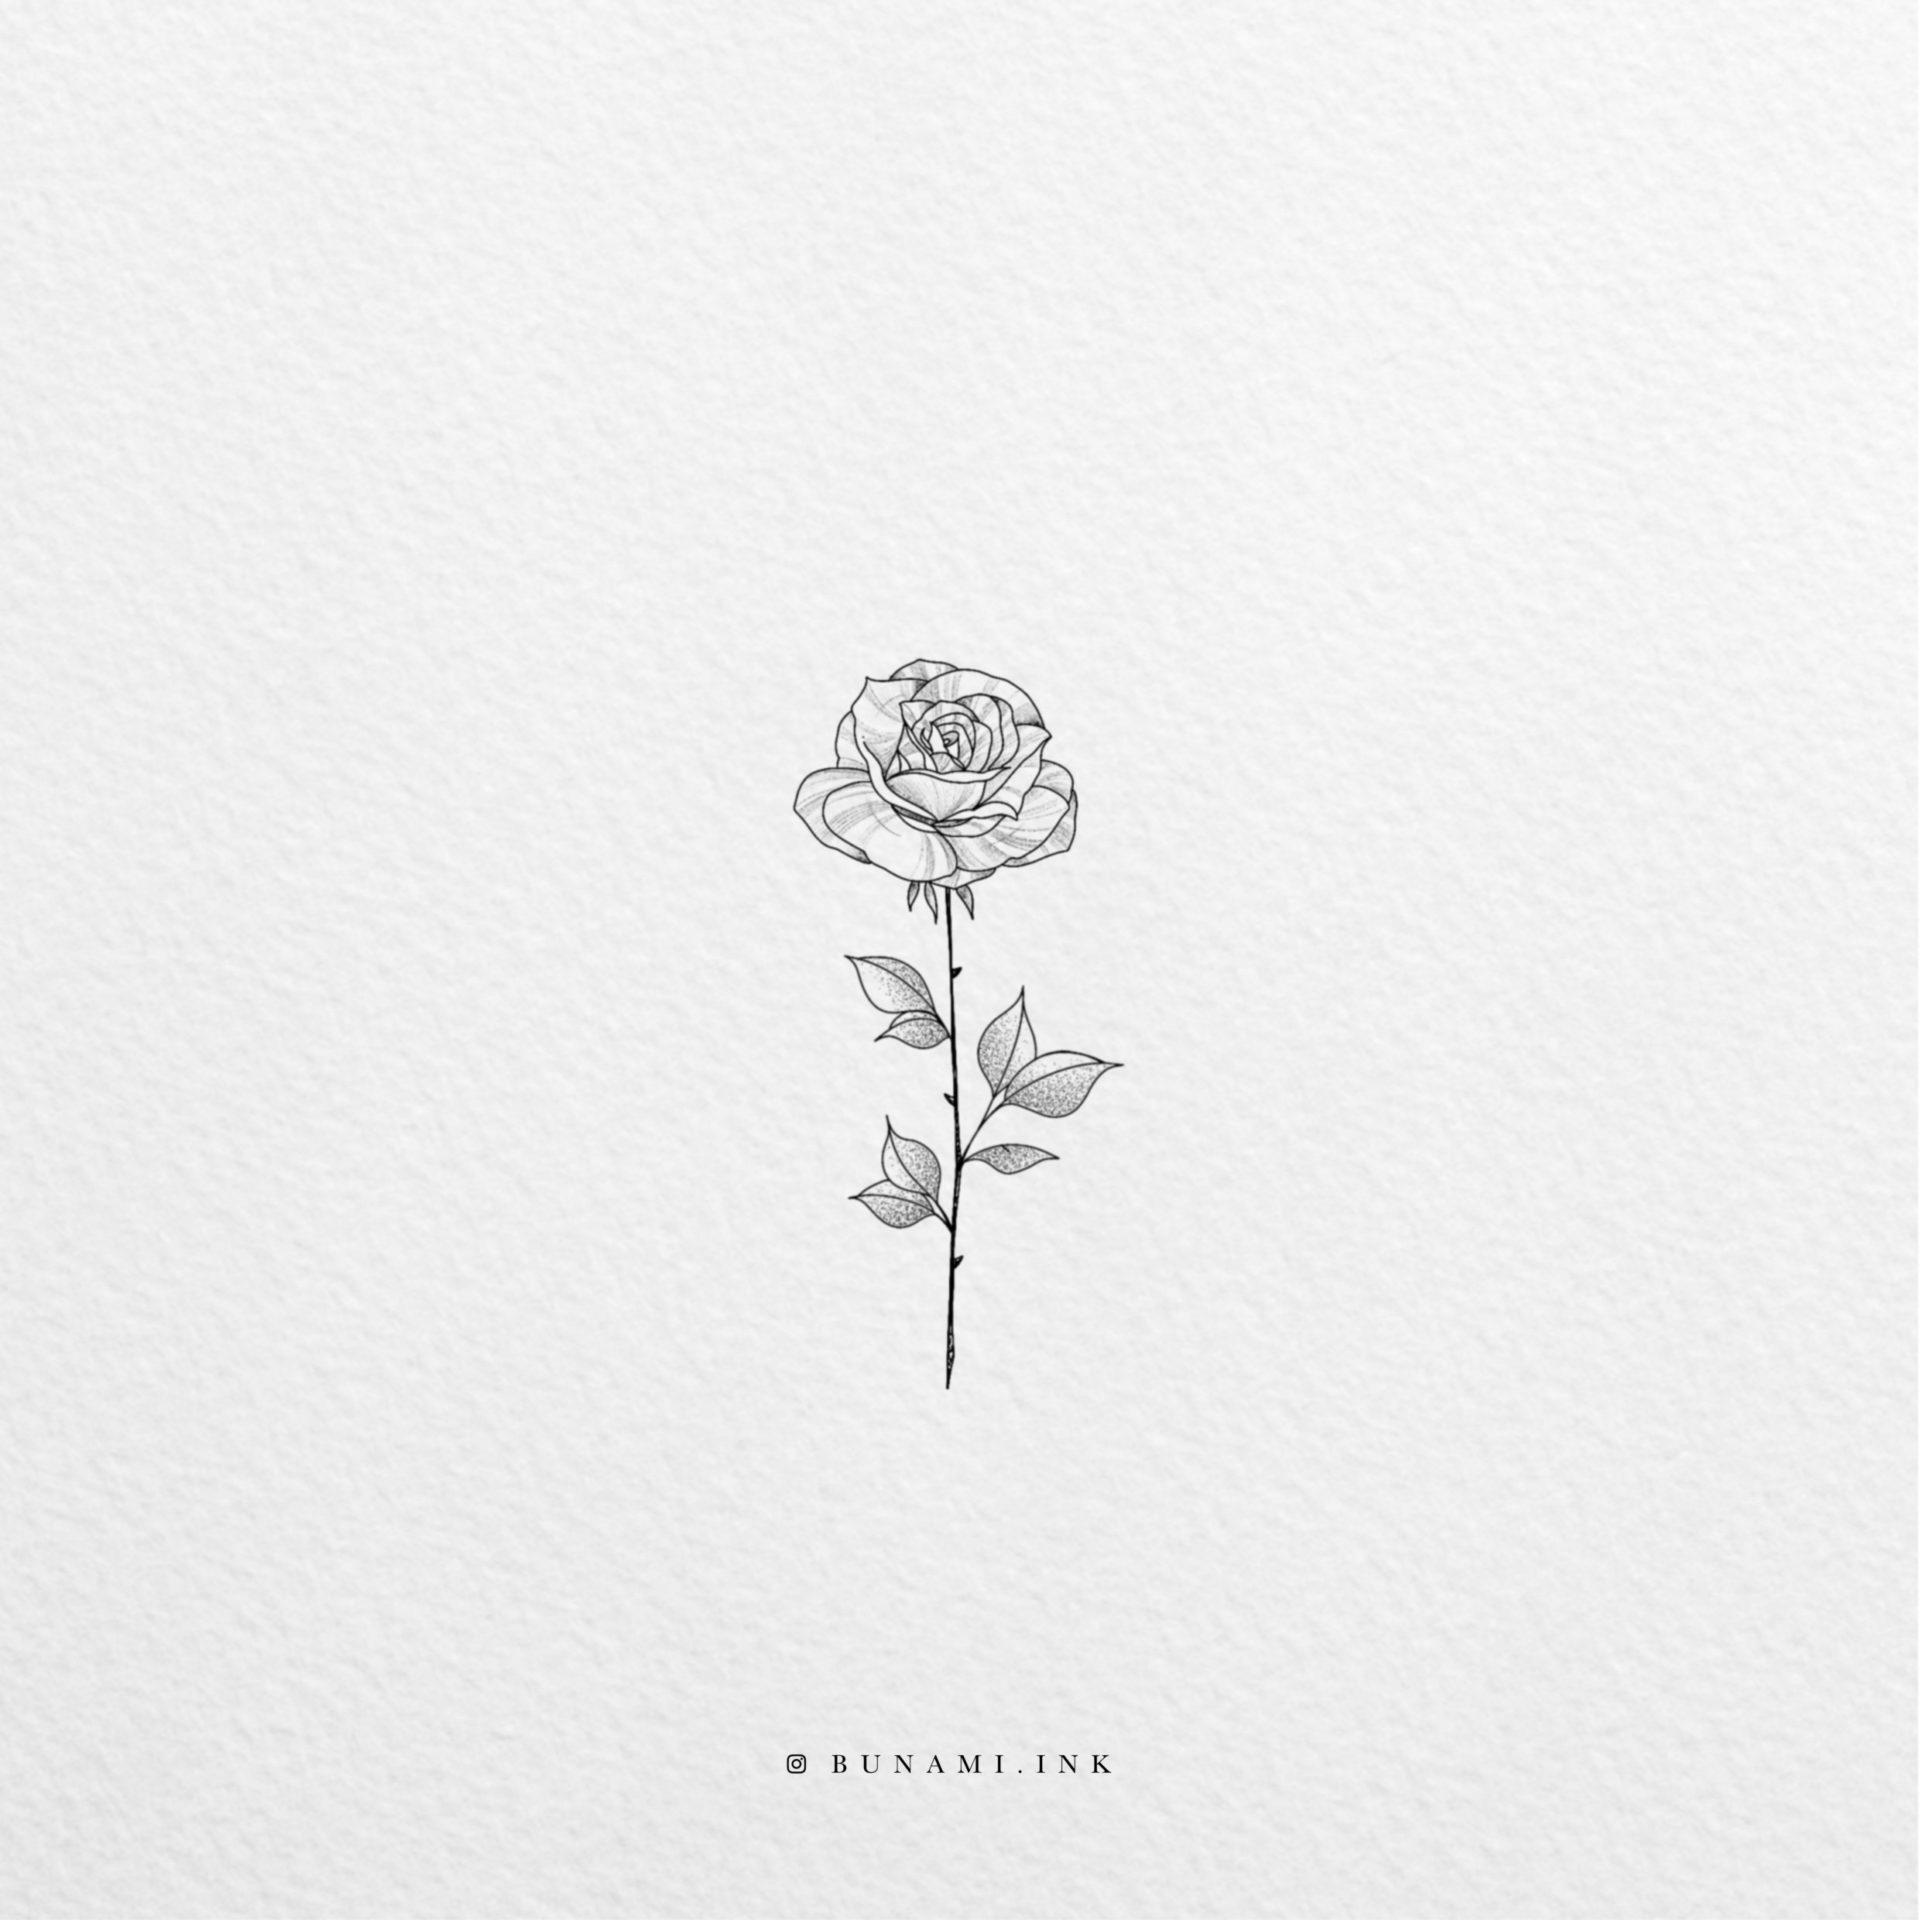 rose_2019-12-11